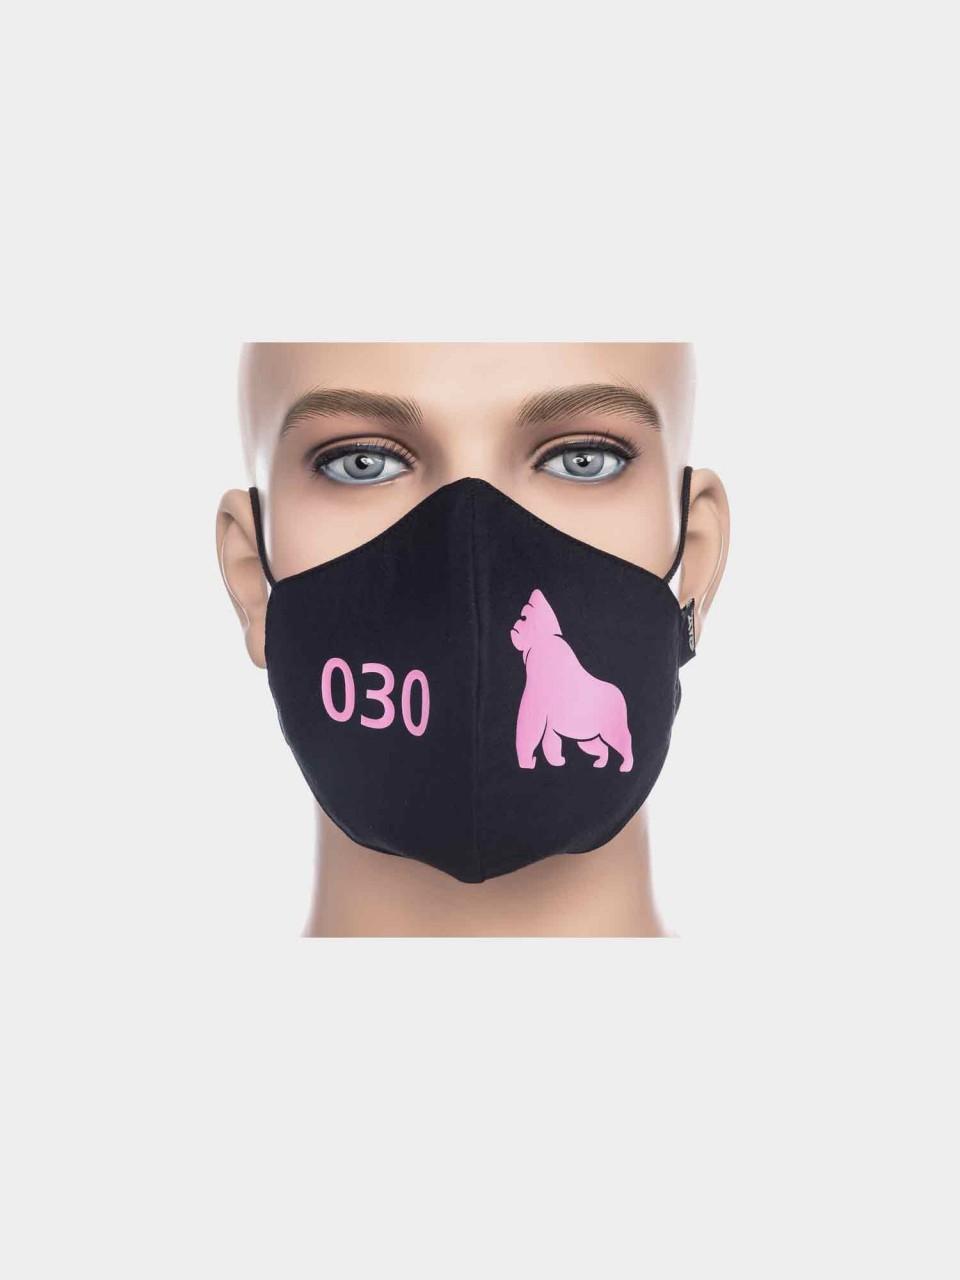 ATO Maske 030 Gorilla schwarz/pink